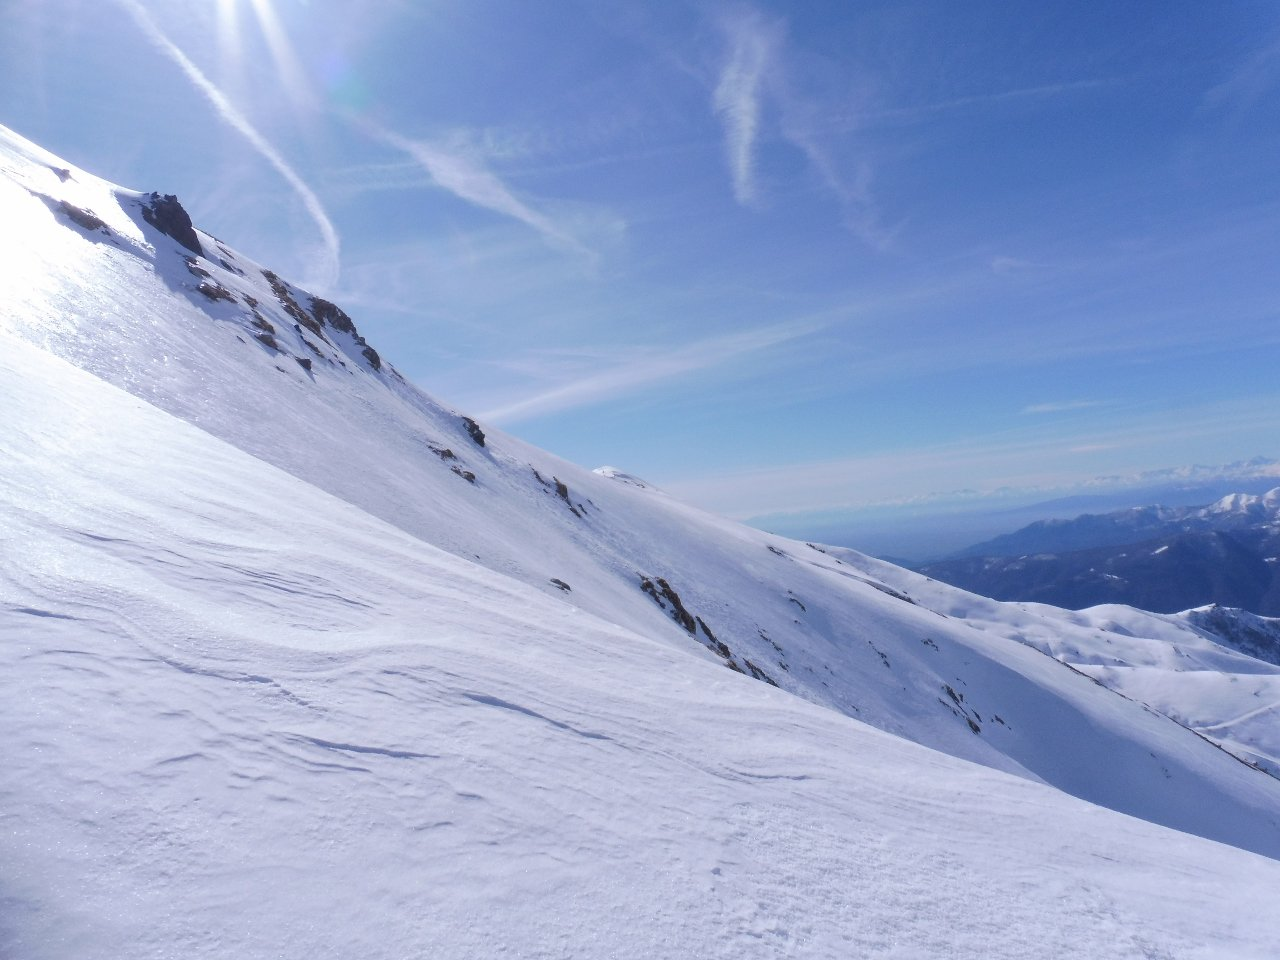 03 - pendii ghiacciati ad ovest della cima, parte finale